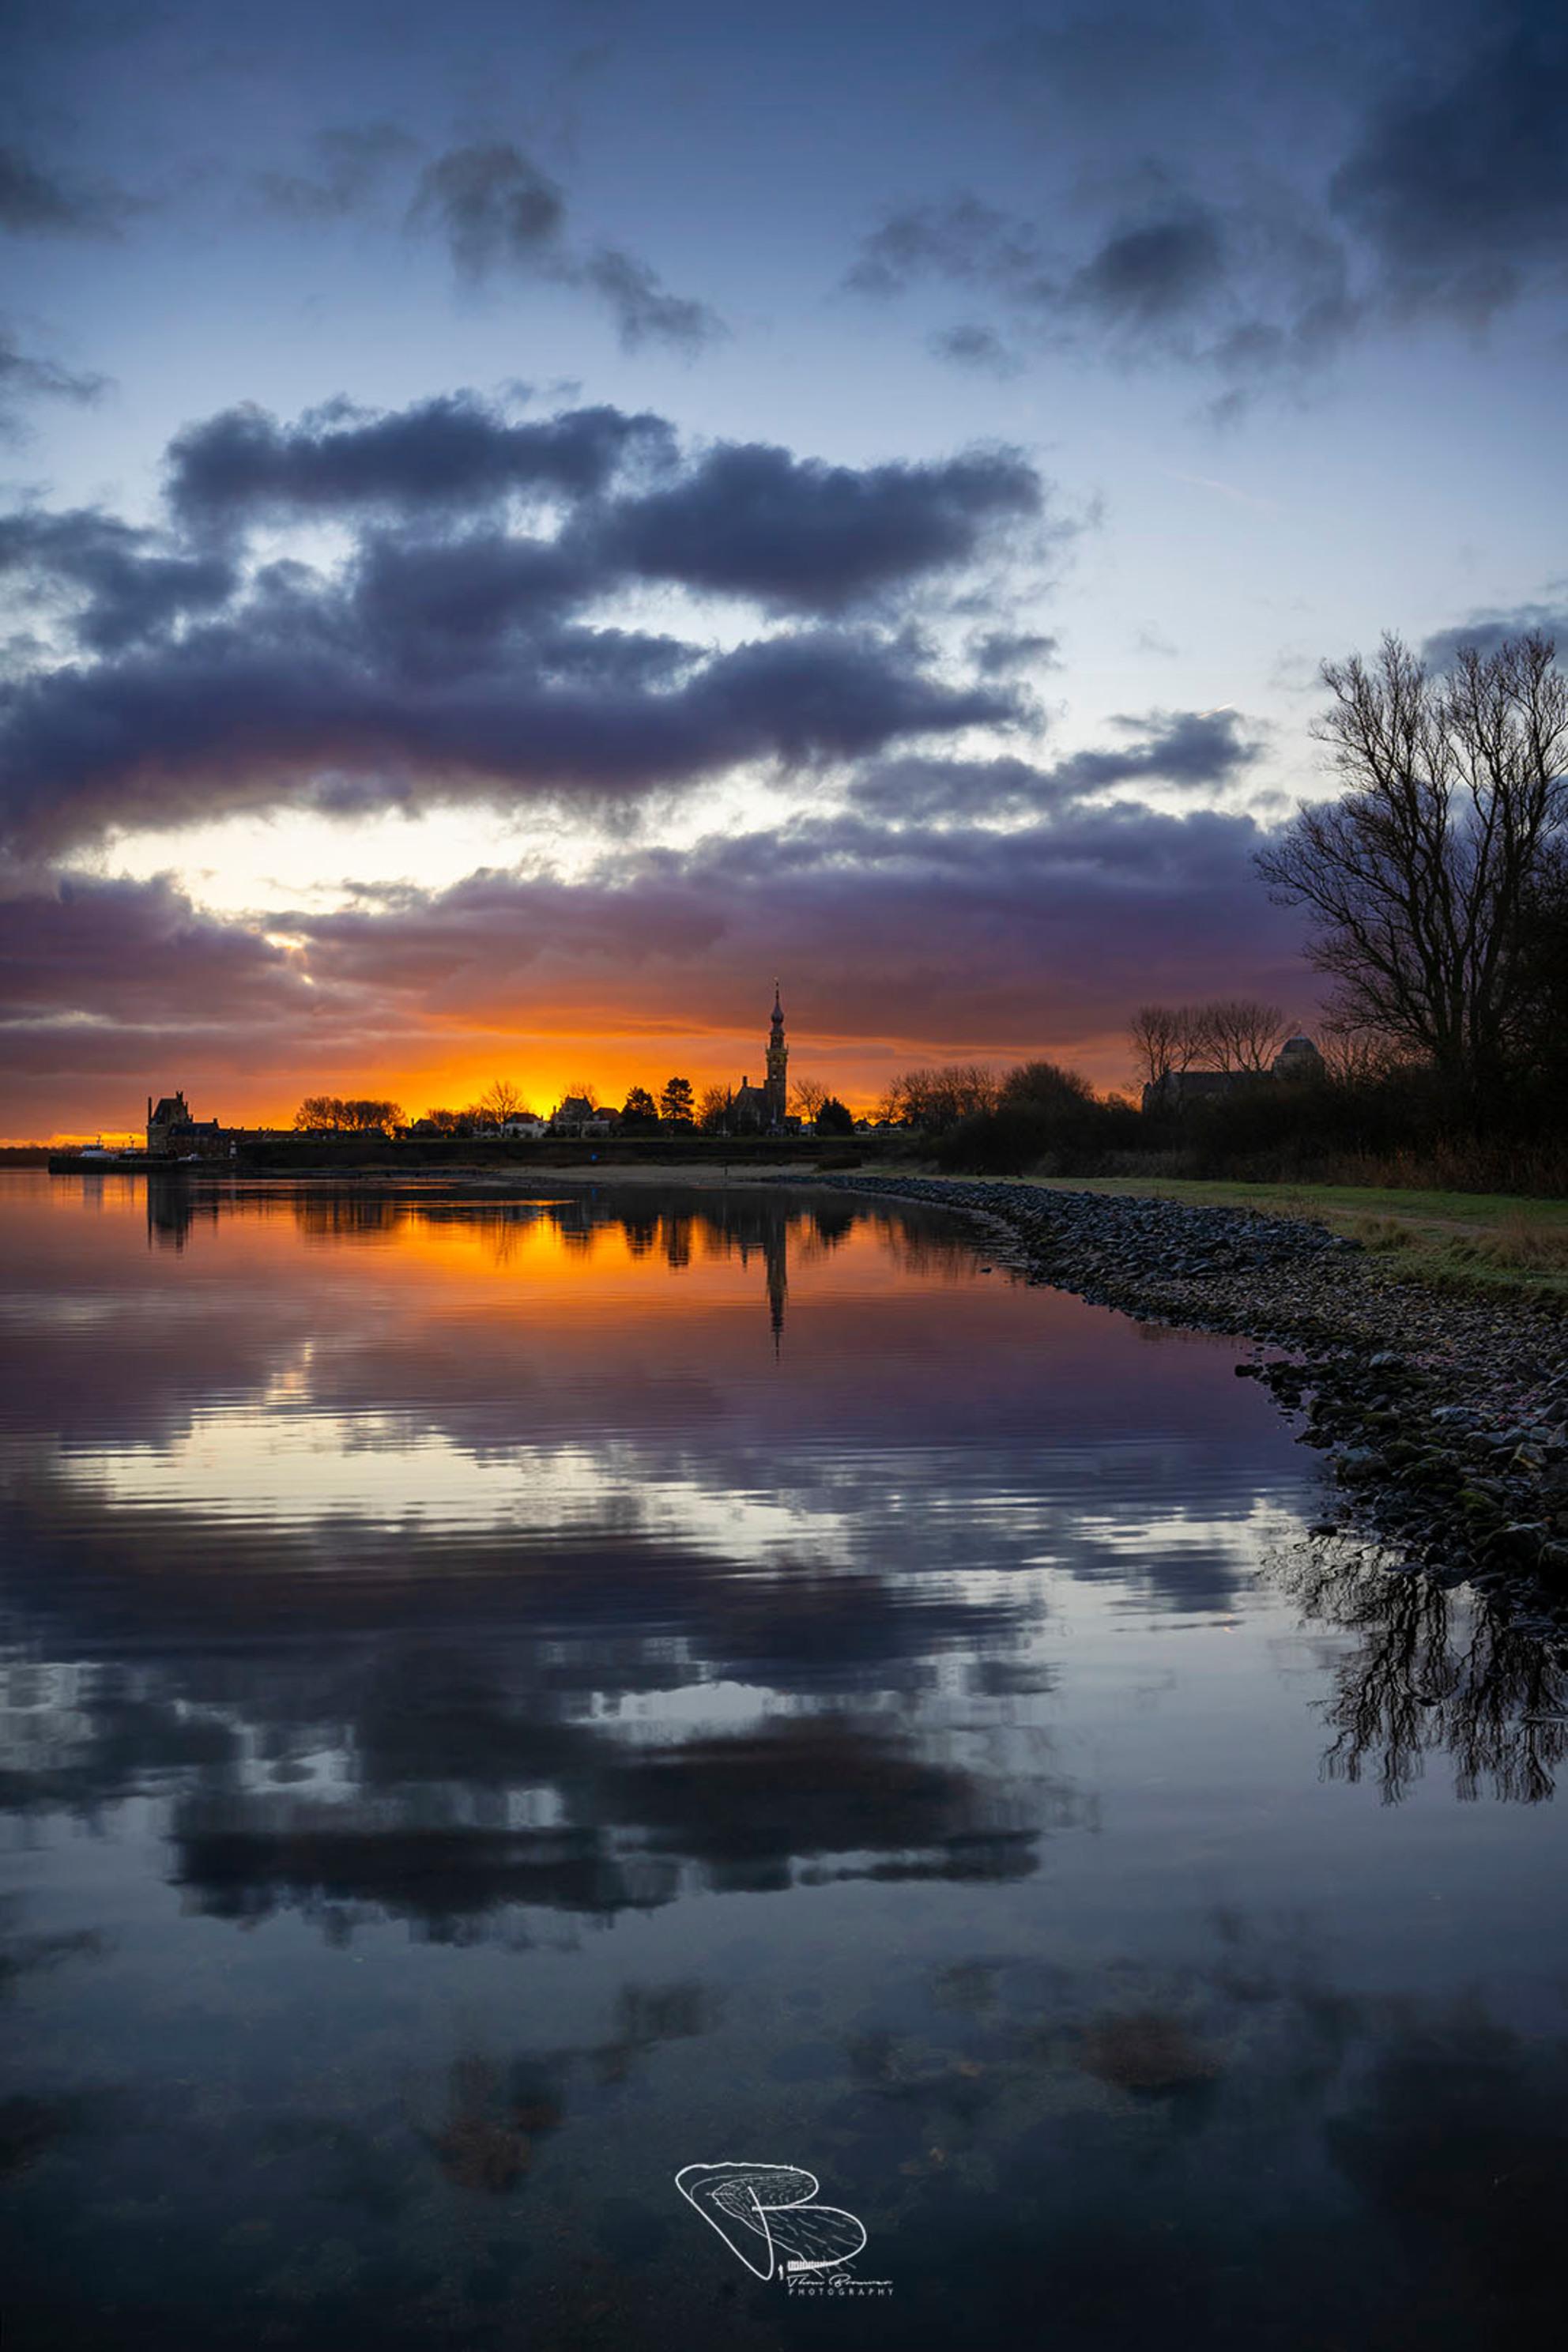 Veere Skyline - Een imposante lucht tijdens zonsopkomst aan het Veerse Meer, waar de skyline van Veere zichtbaar is. - foto door Thombrouwer op 11-01-2021 - deze foto bevat: lucht, wolken, winter, spiegeling, landschap, zonsopkomst, meer, skyline, zeeland, kust, weerspiegeling, veere, Veerse meer